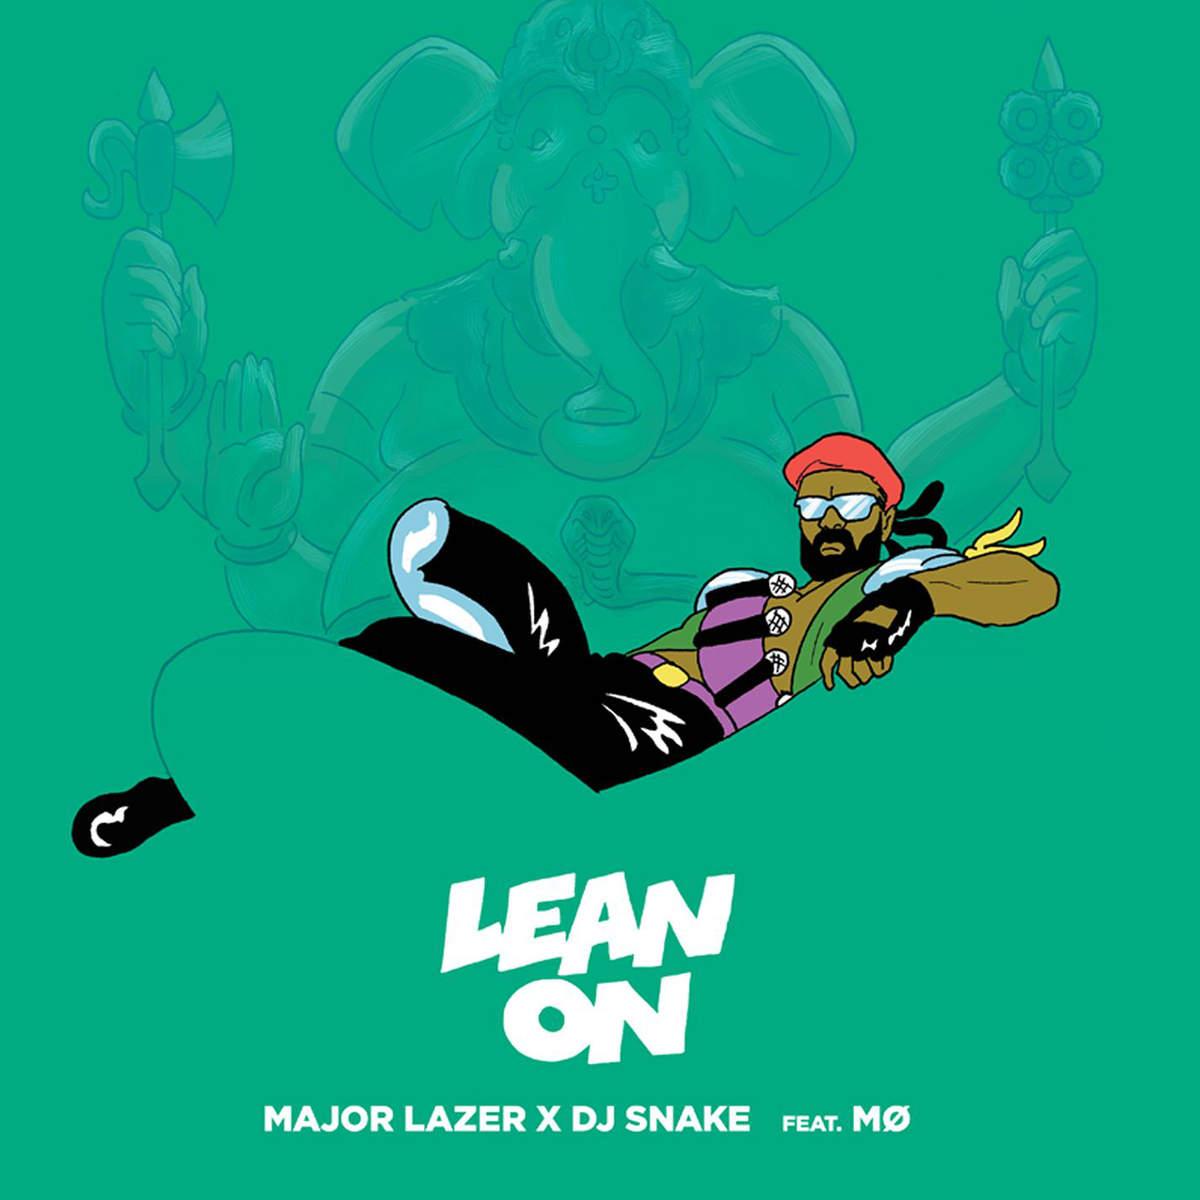 Major-Lazer-DJ-Snake-Lean-On-2015-1200x1200.png